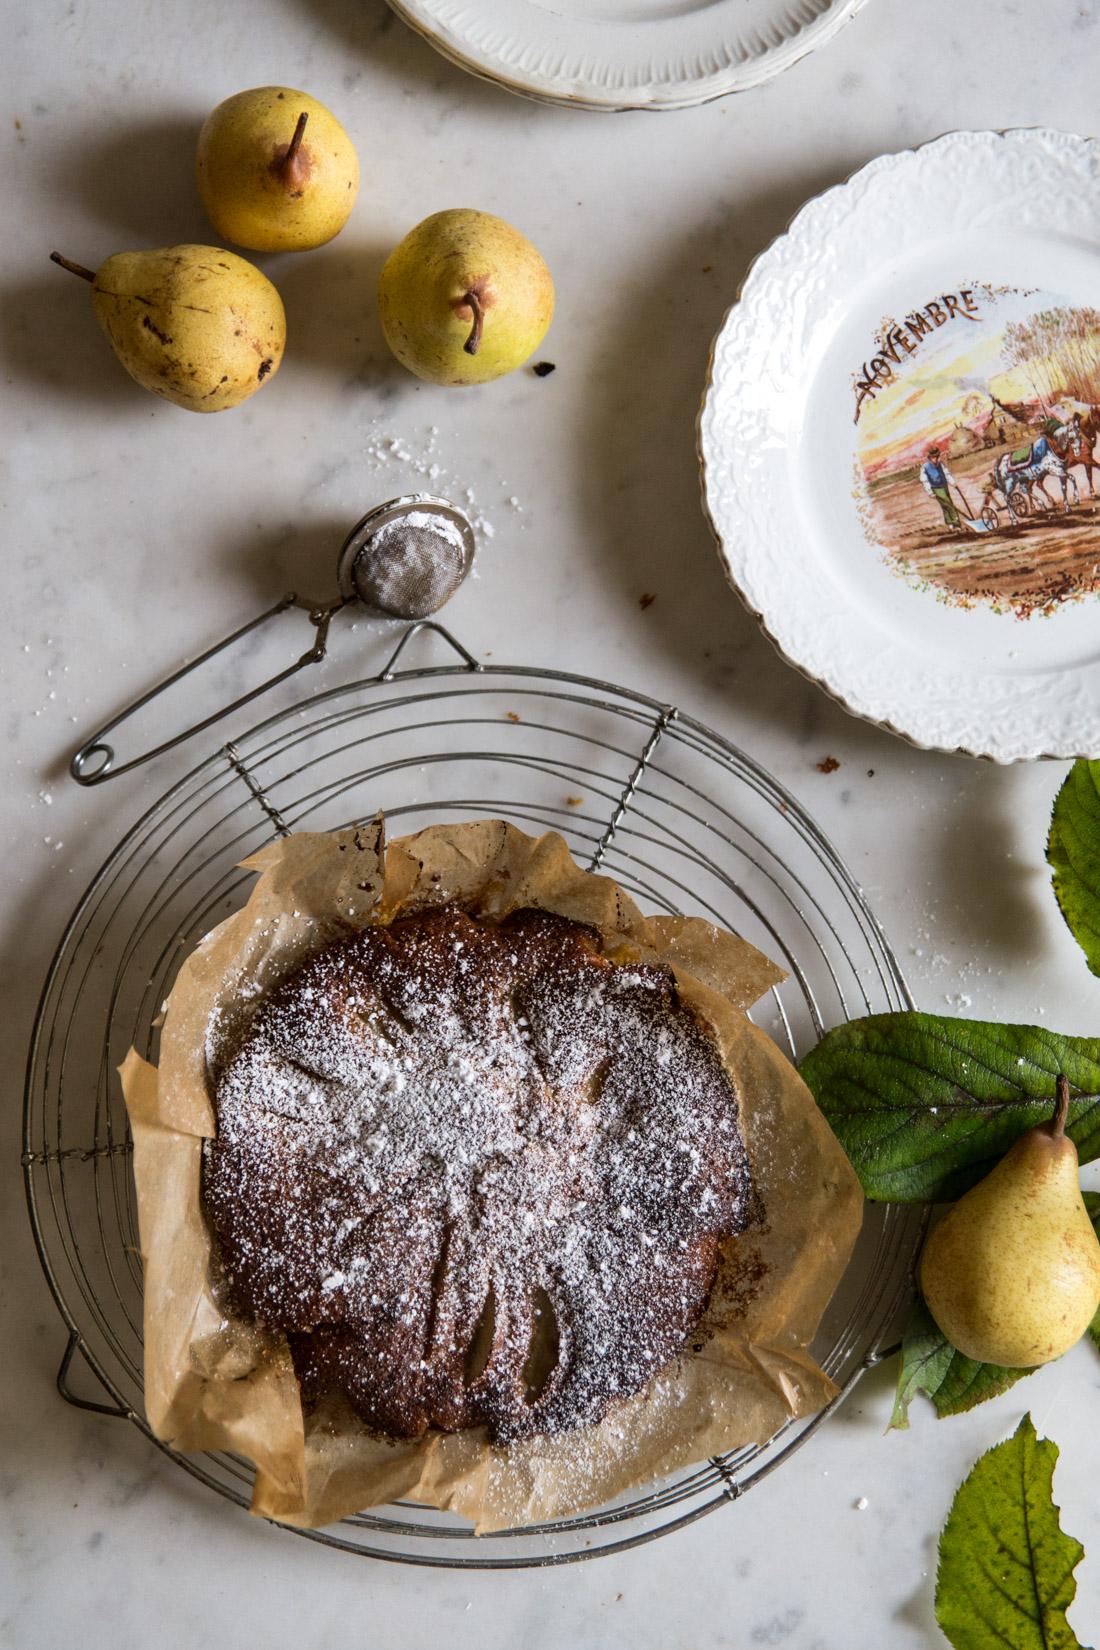 gateau-aux-poires-et-huile-dolive-ophelie-lauret-ophelies-kitchen-book-7